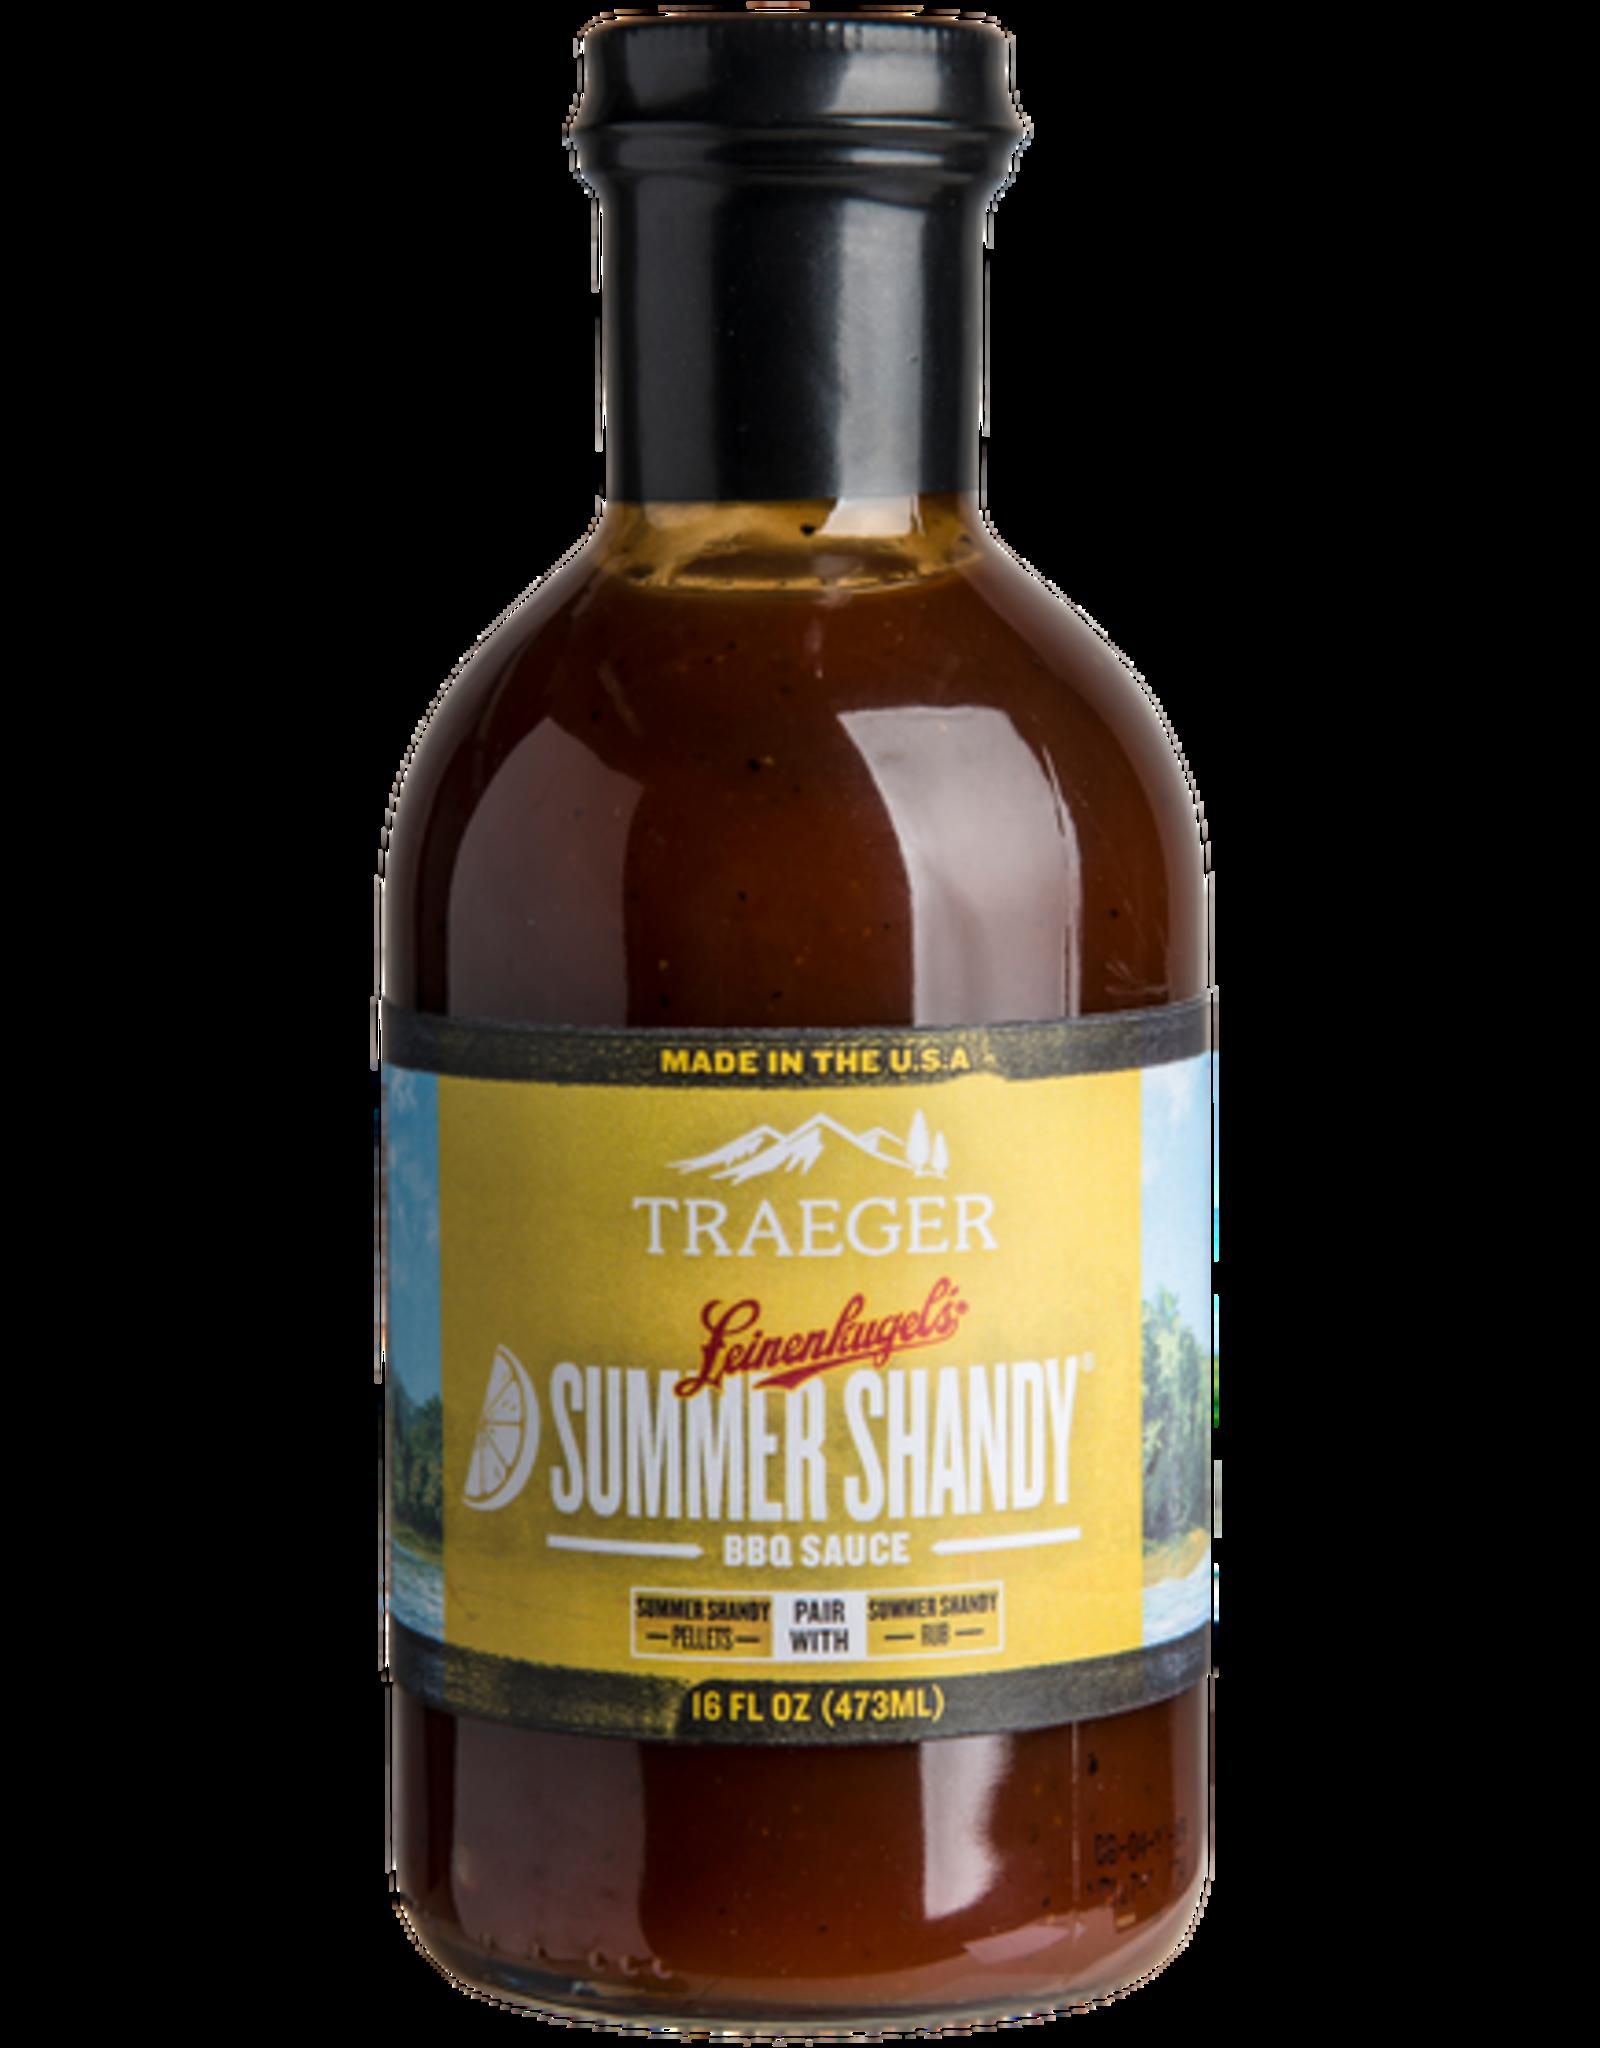 Traeger LEINENKUGEL'S SUMMER SHANDY BBQ SAUCE